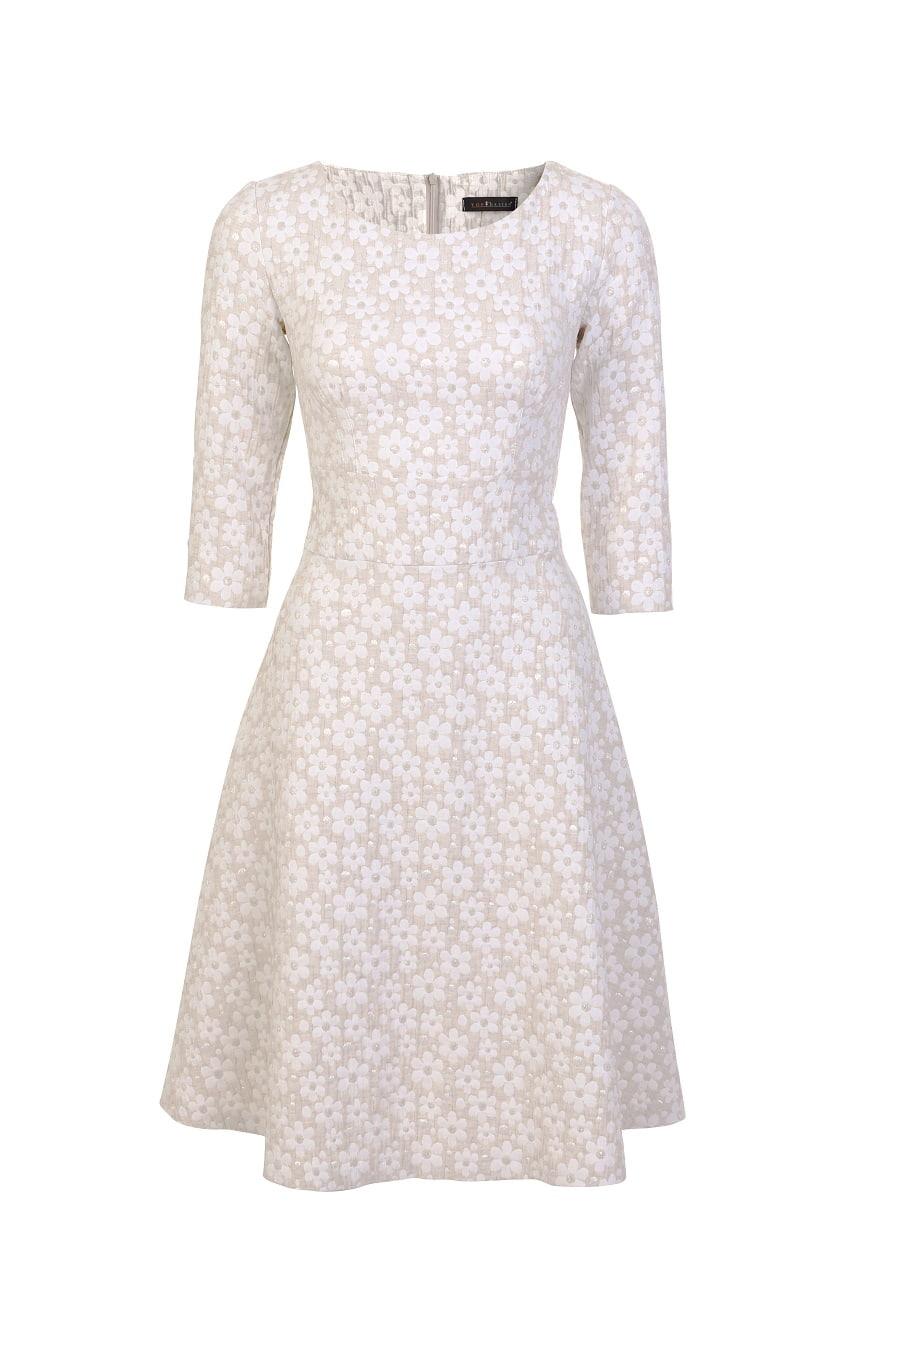 Нарядное платье TopDesign PА7 46